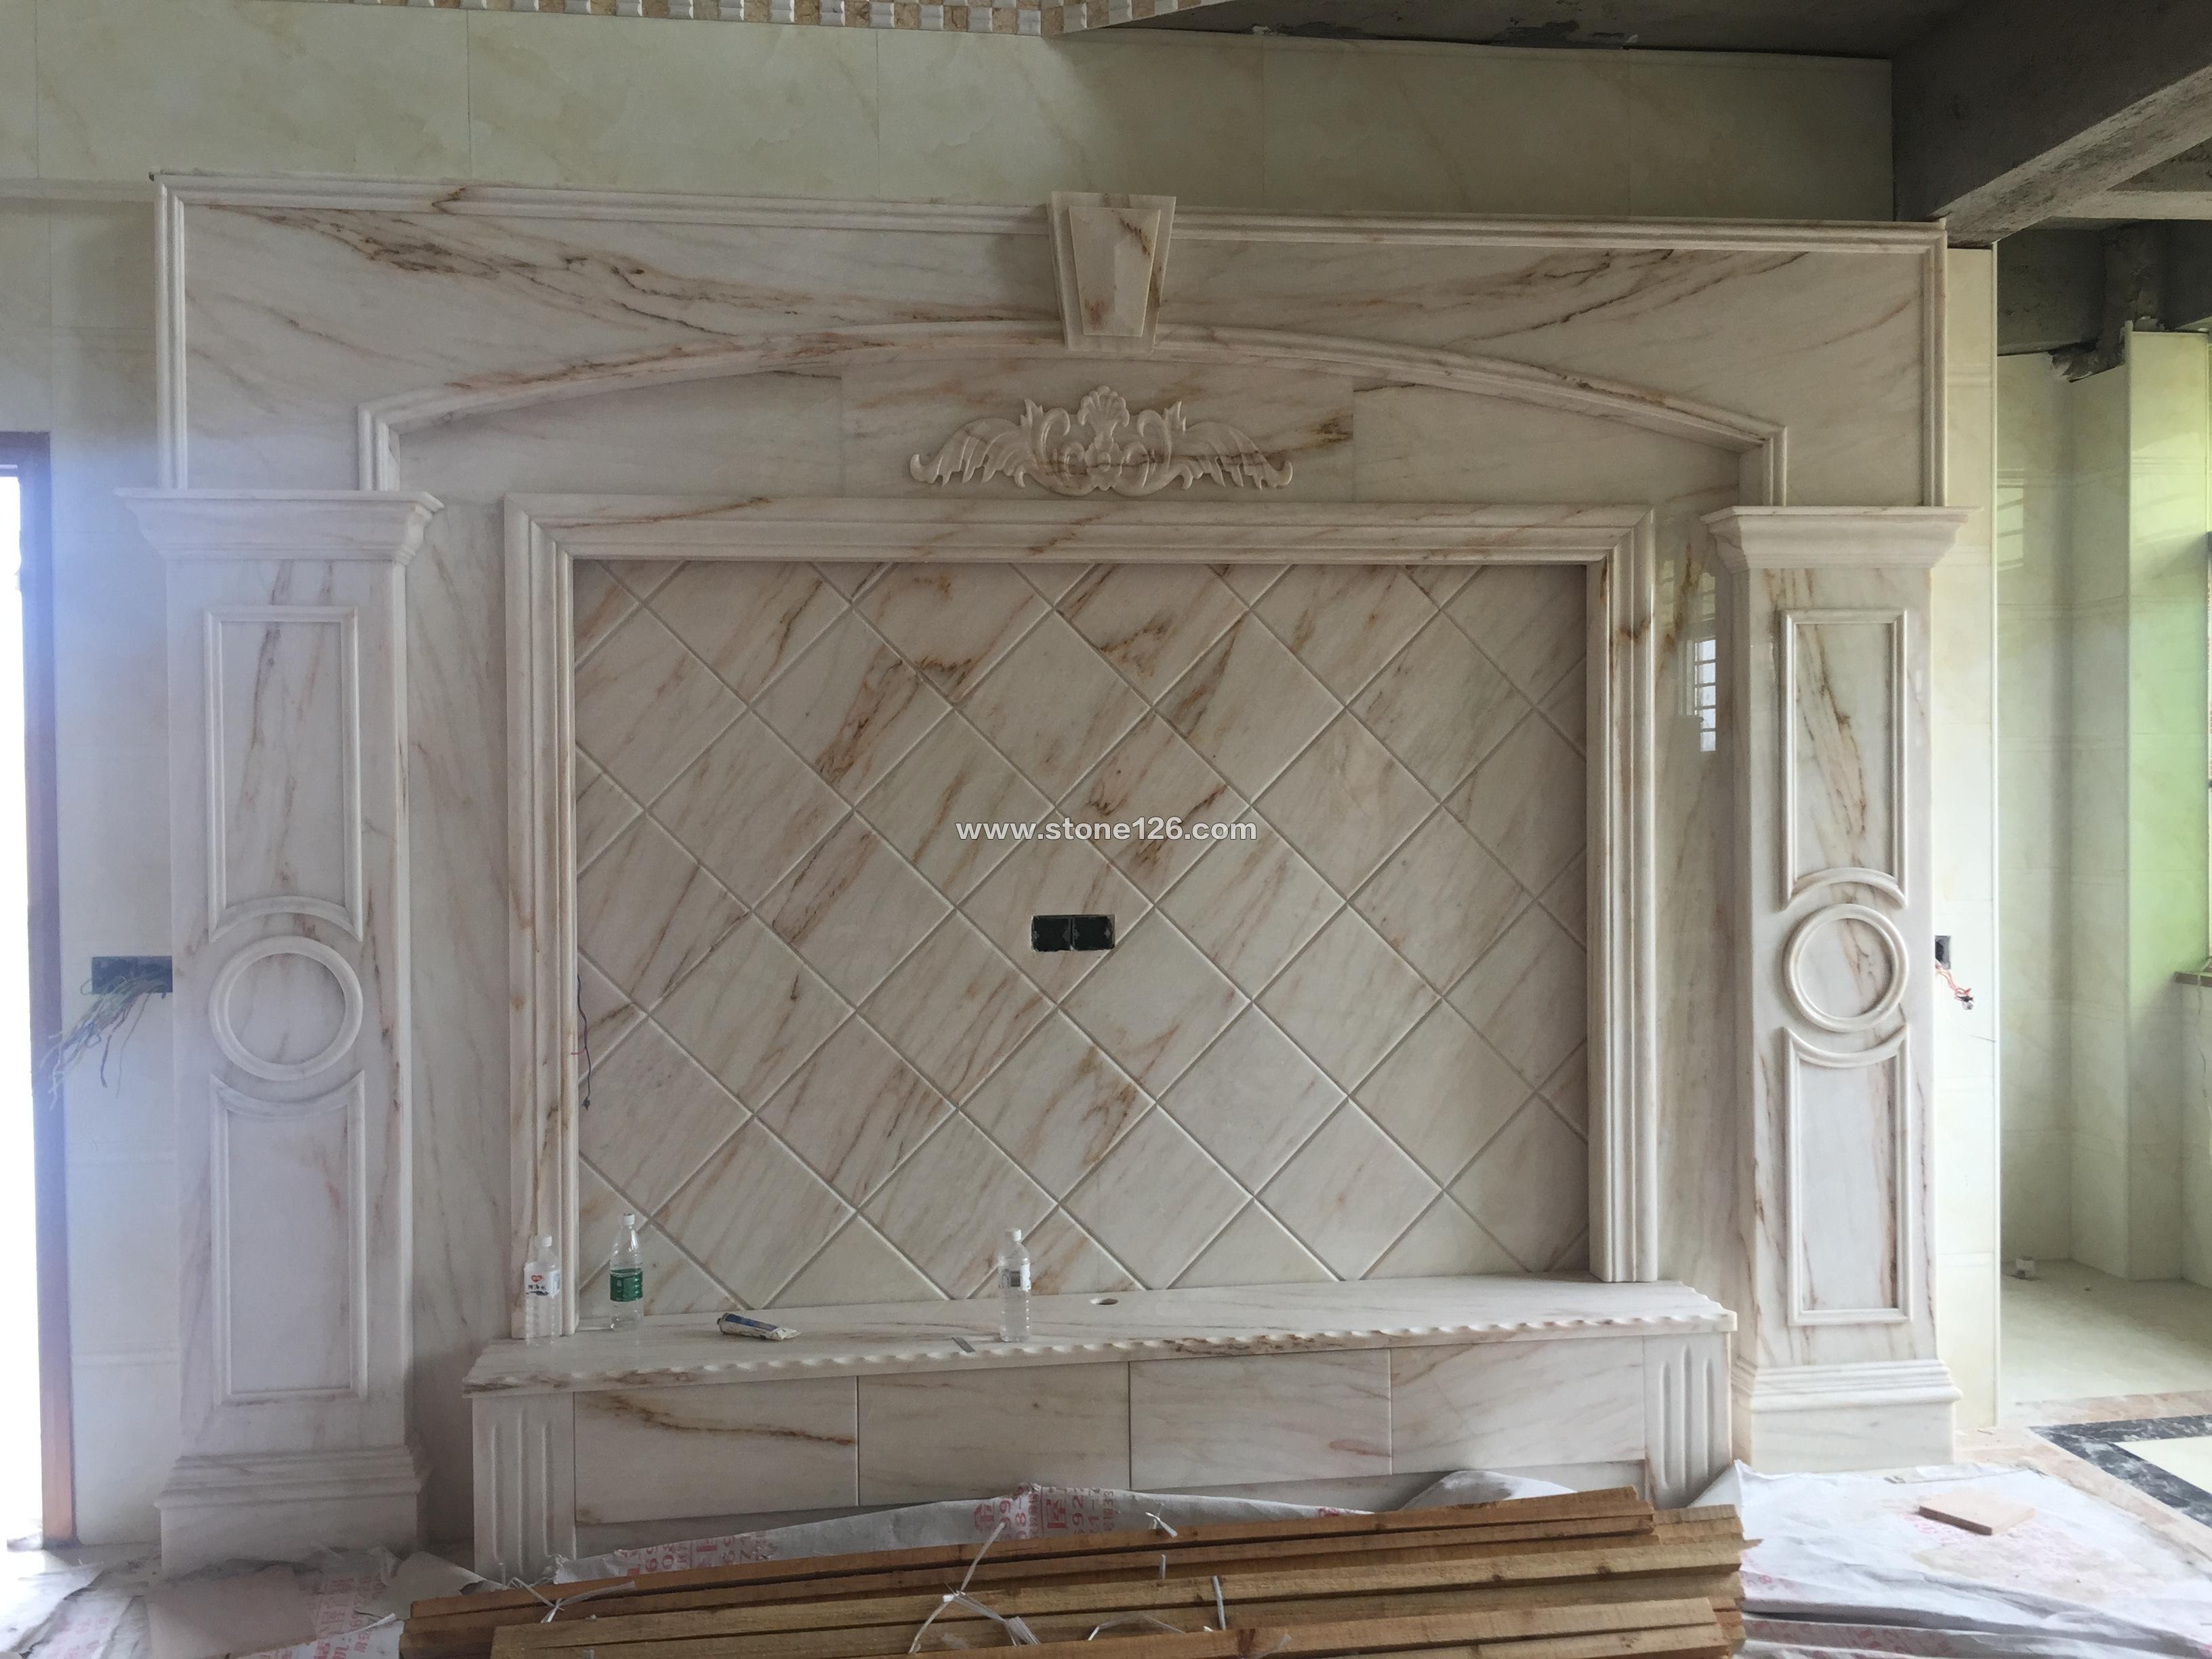 背景墙 产品展示 荣瑞异形石材 背景墙 异形线条 浮雕 水刀拼花 国内